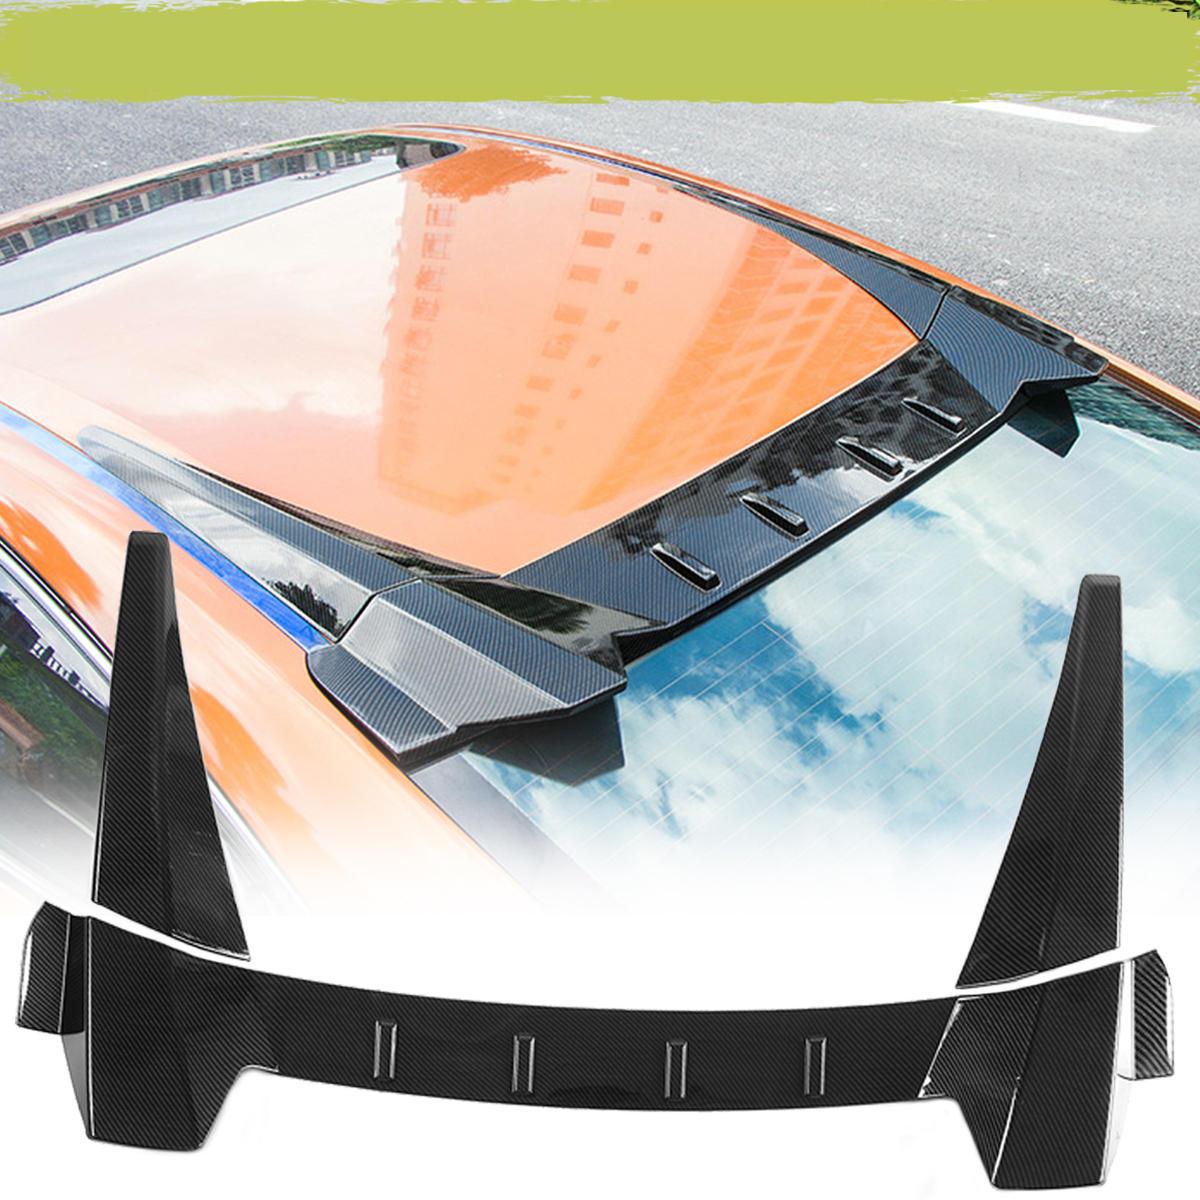 For 2016-2018 Honda Civic 4DR//Sedan TYPE-R Unpainted Black Trunk Spoiler Wing